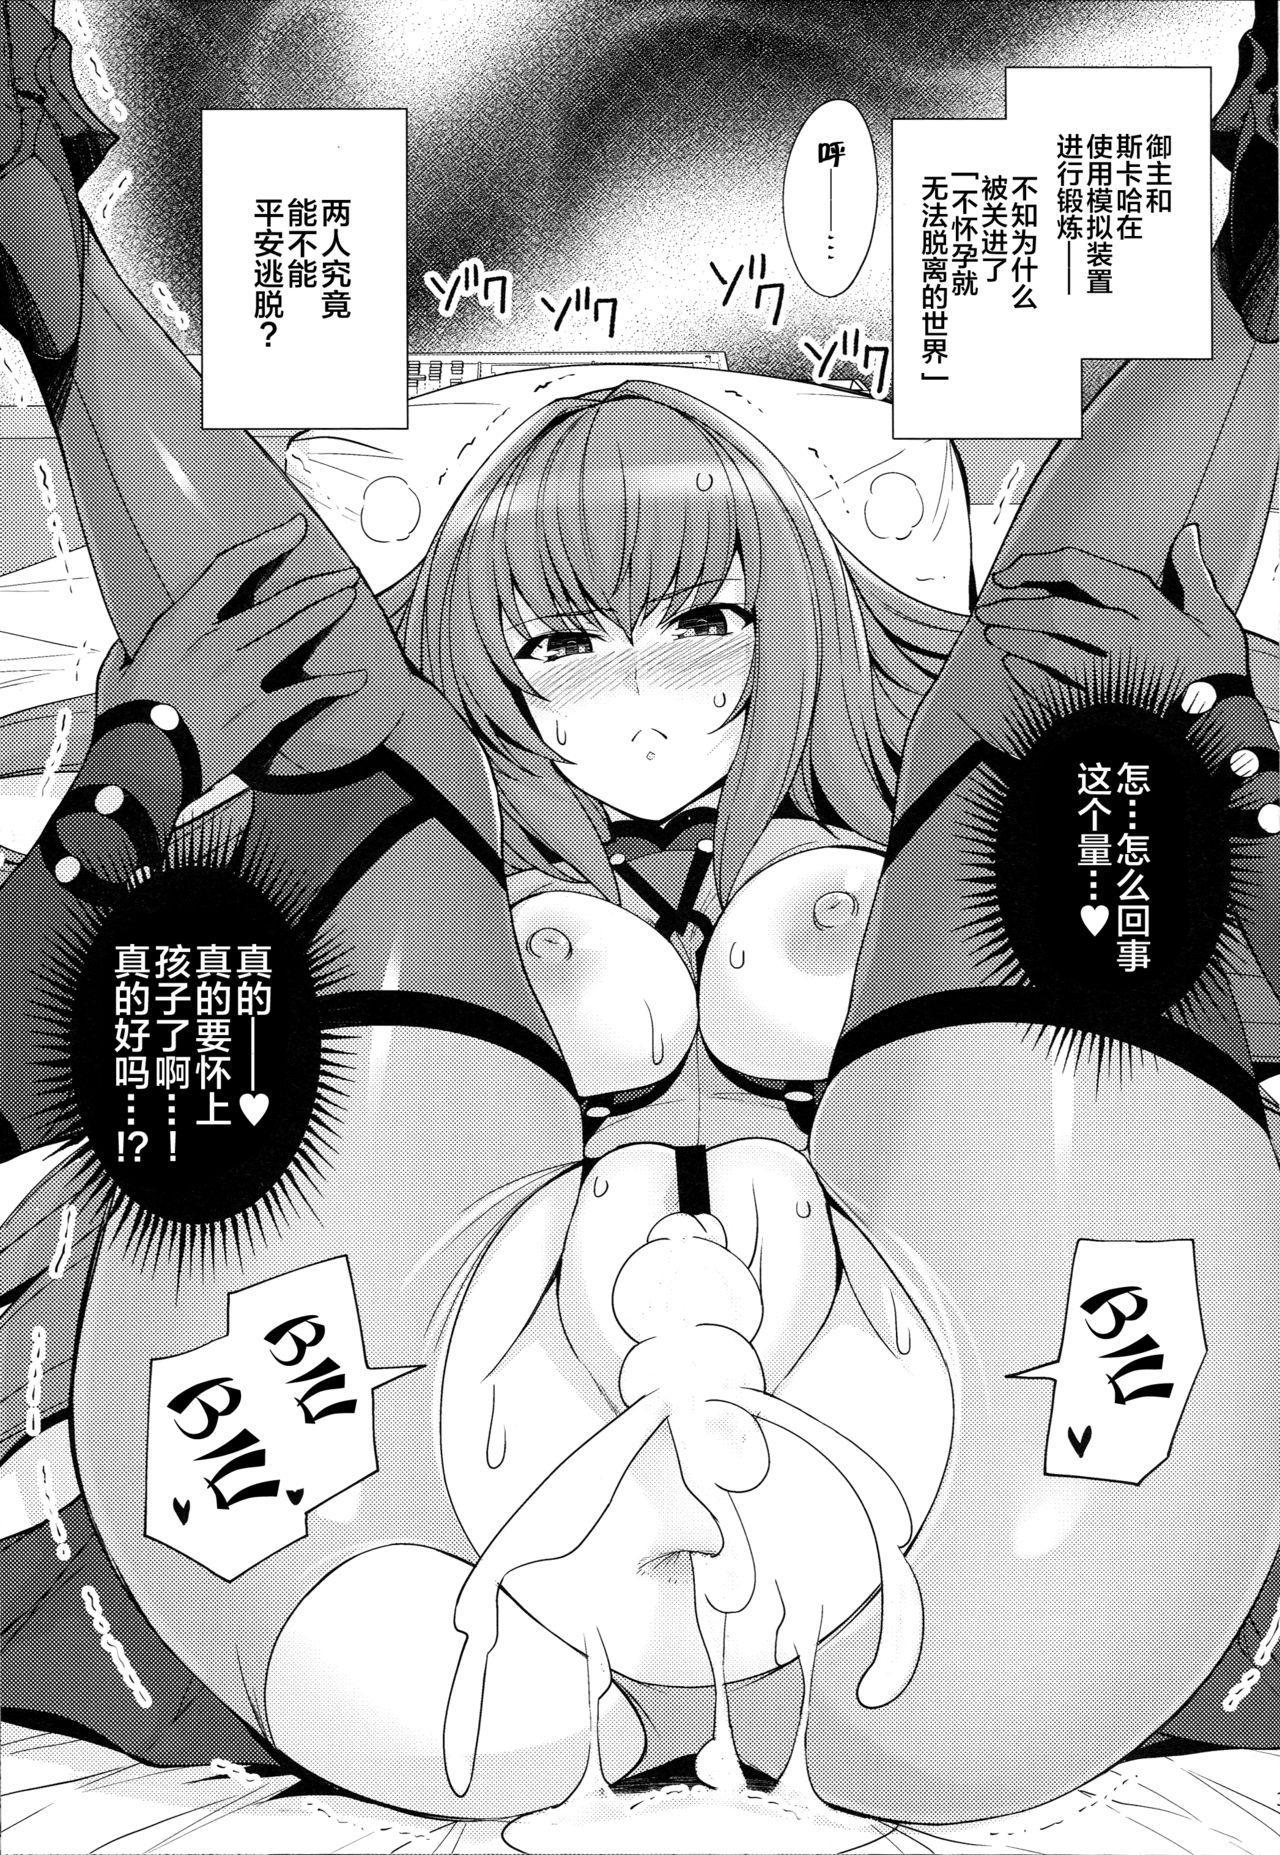 Shishou o Haramaseru made Derarenai Simulator 2 1